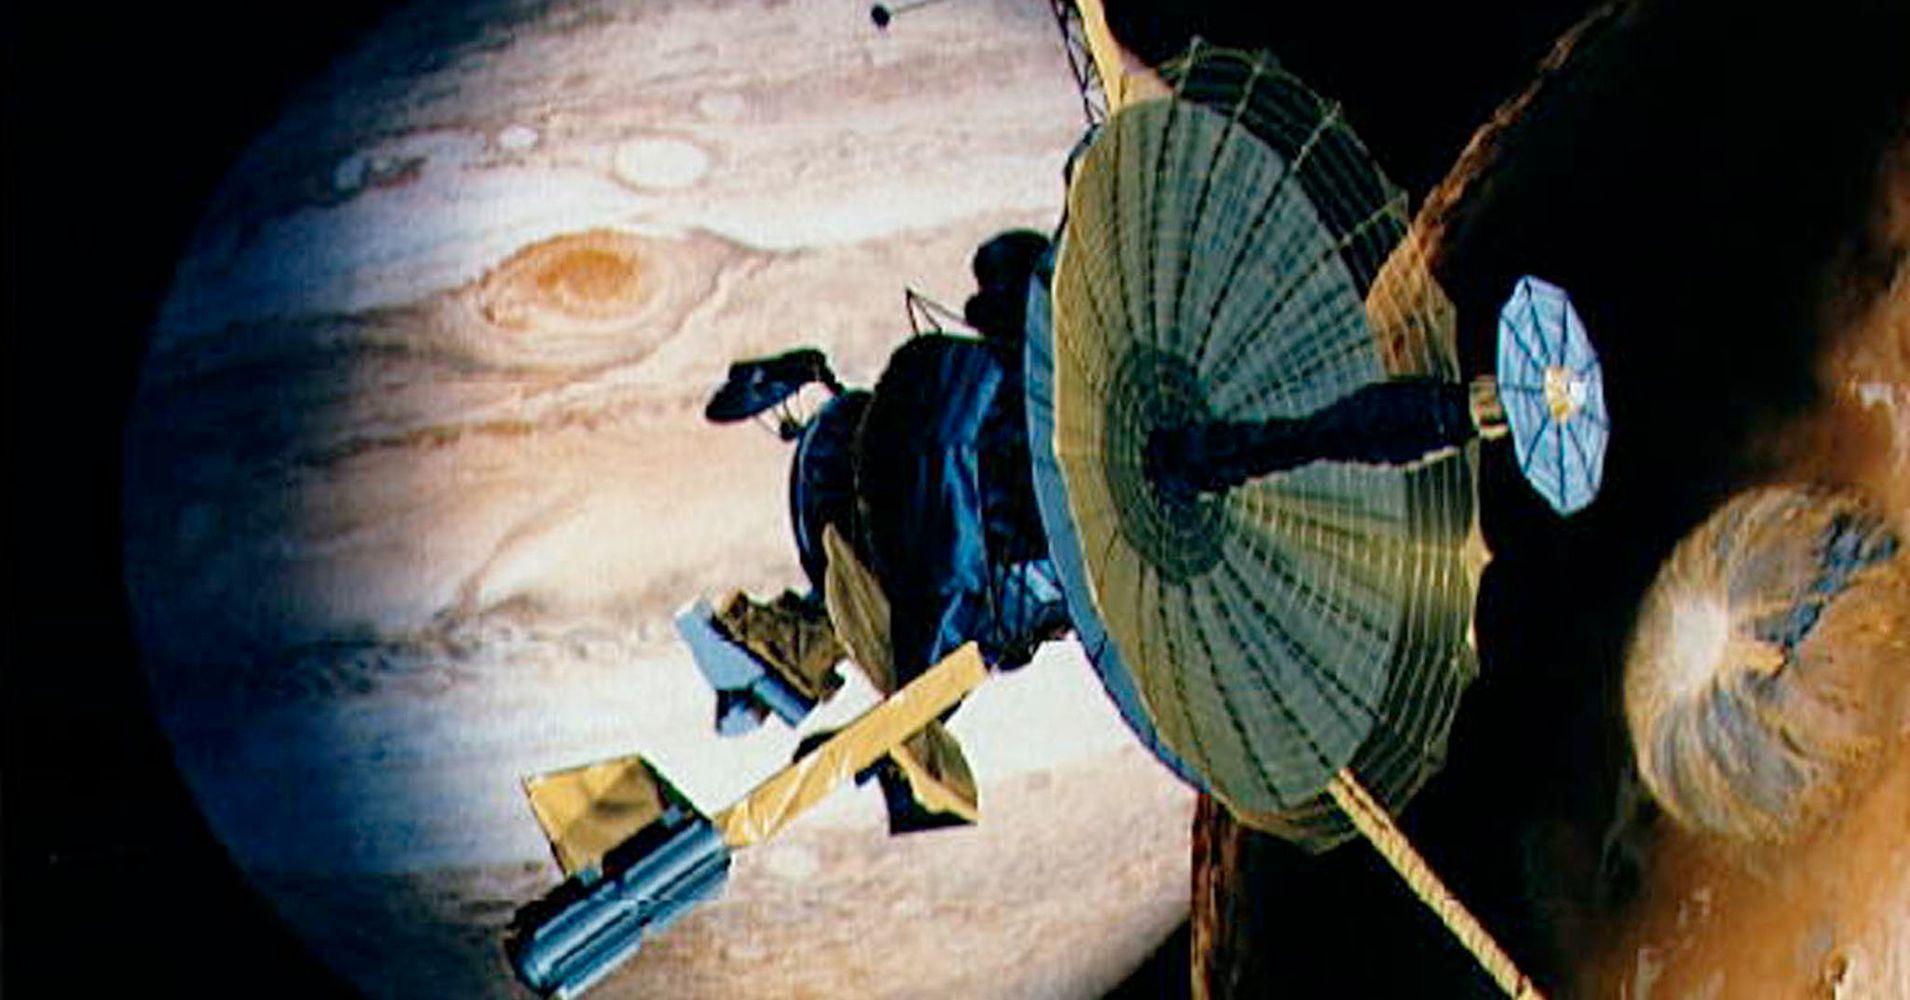 nasa galileo mission - HD1333×1000